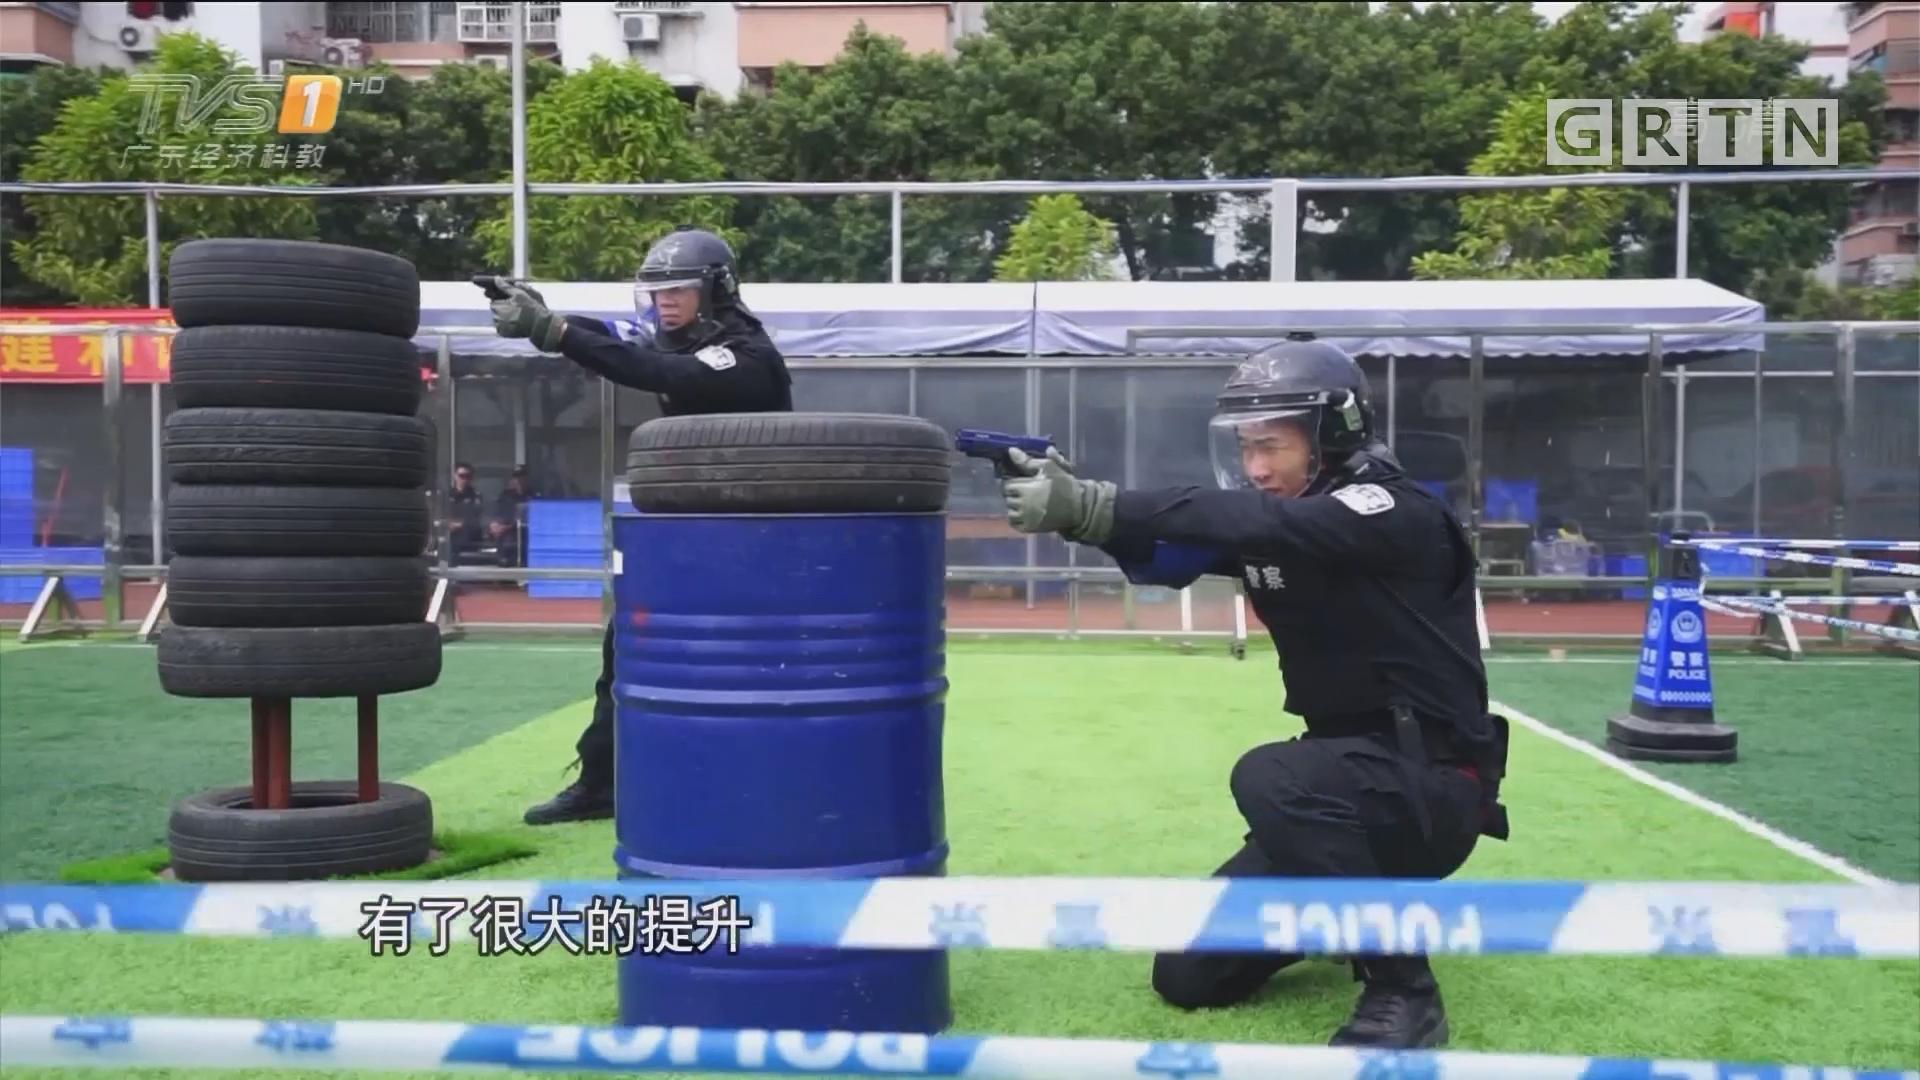 """广州公安白云分局 警务对抗赛 """"真枪实弹""""提升警务能力"""